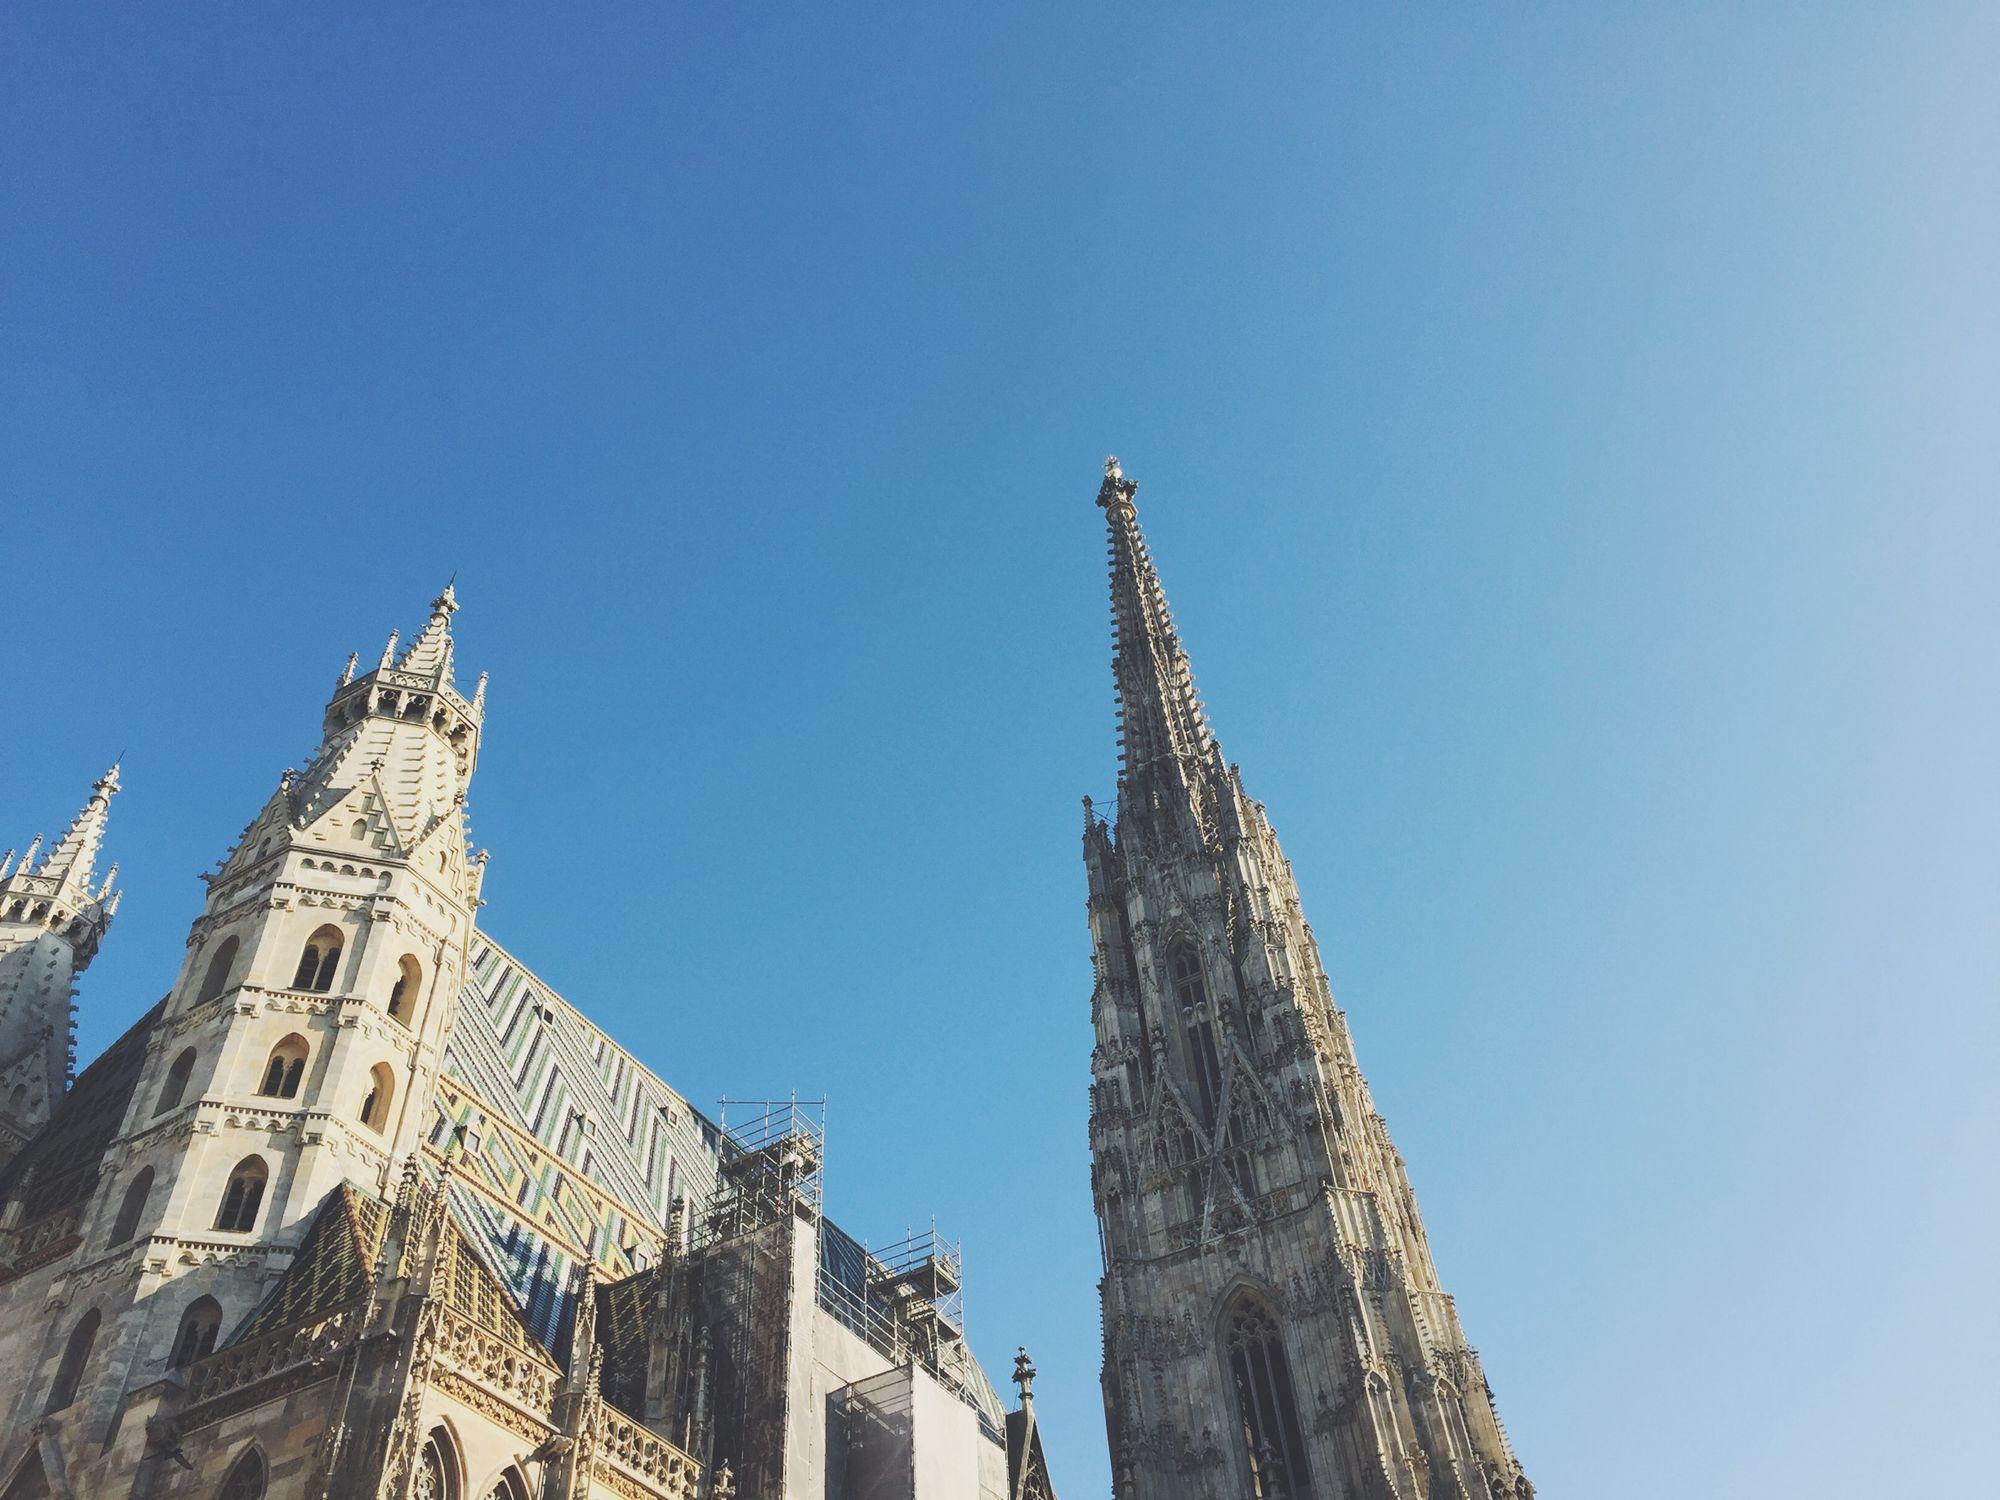 St. Stephen's Cathedral in Vienna, Austria.